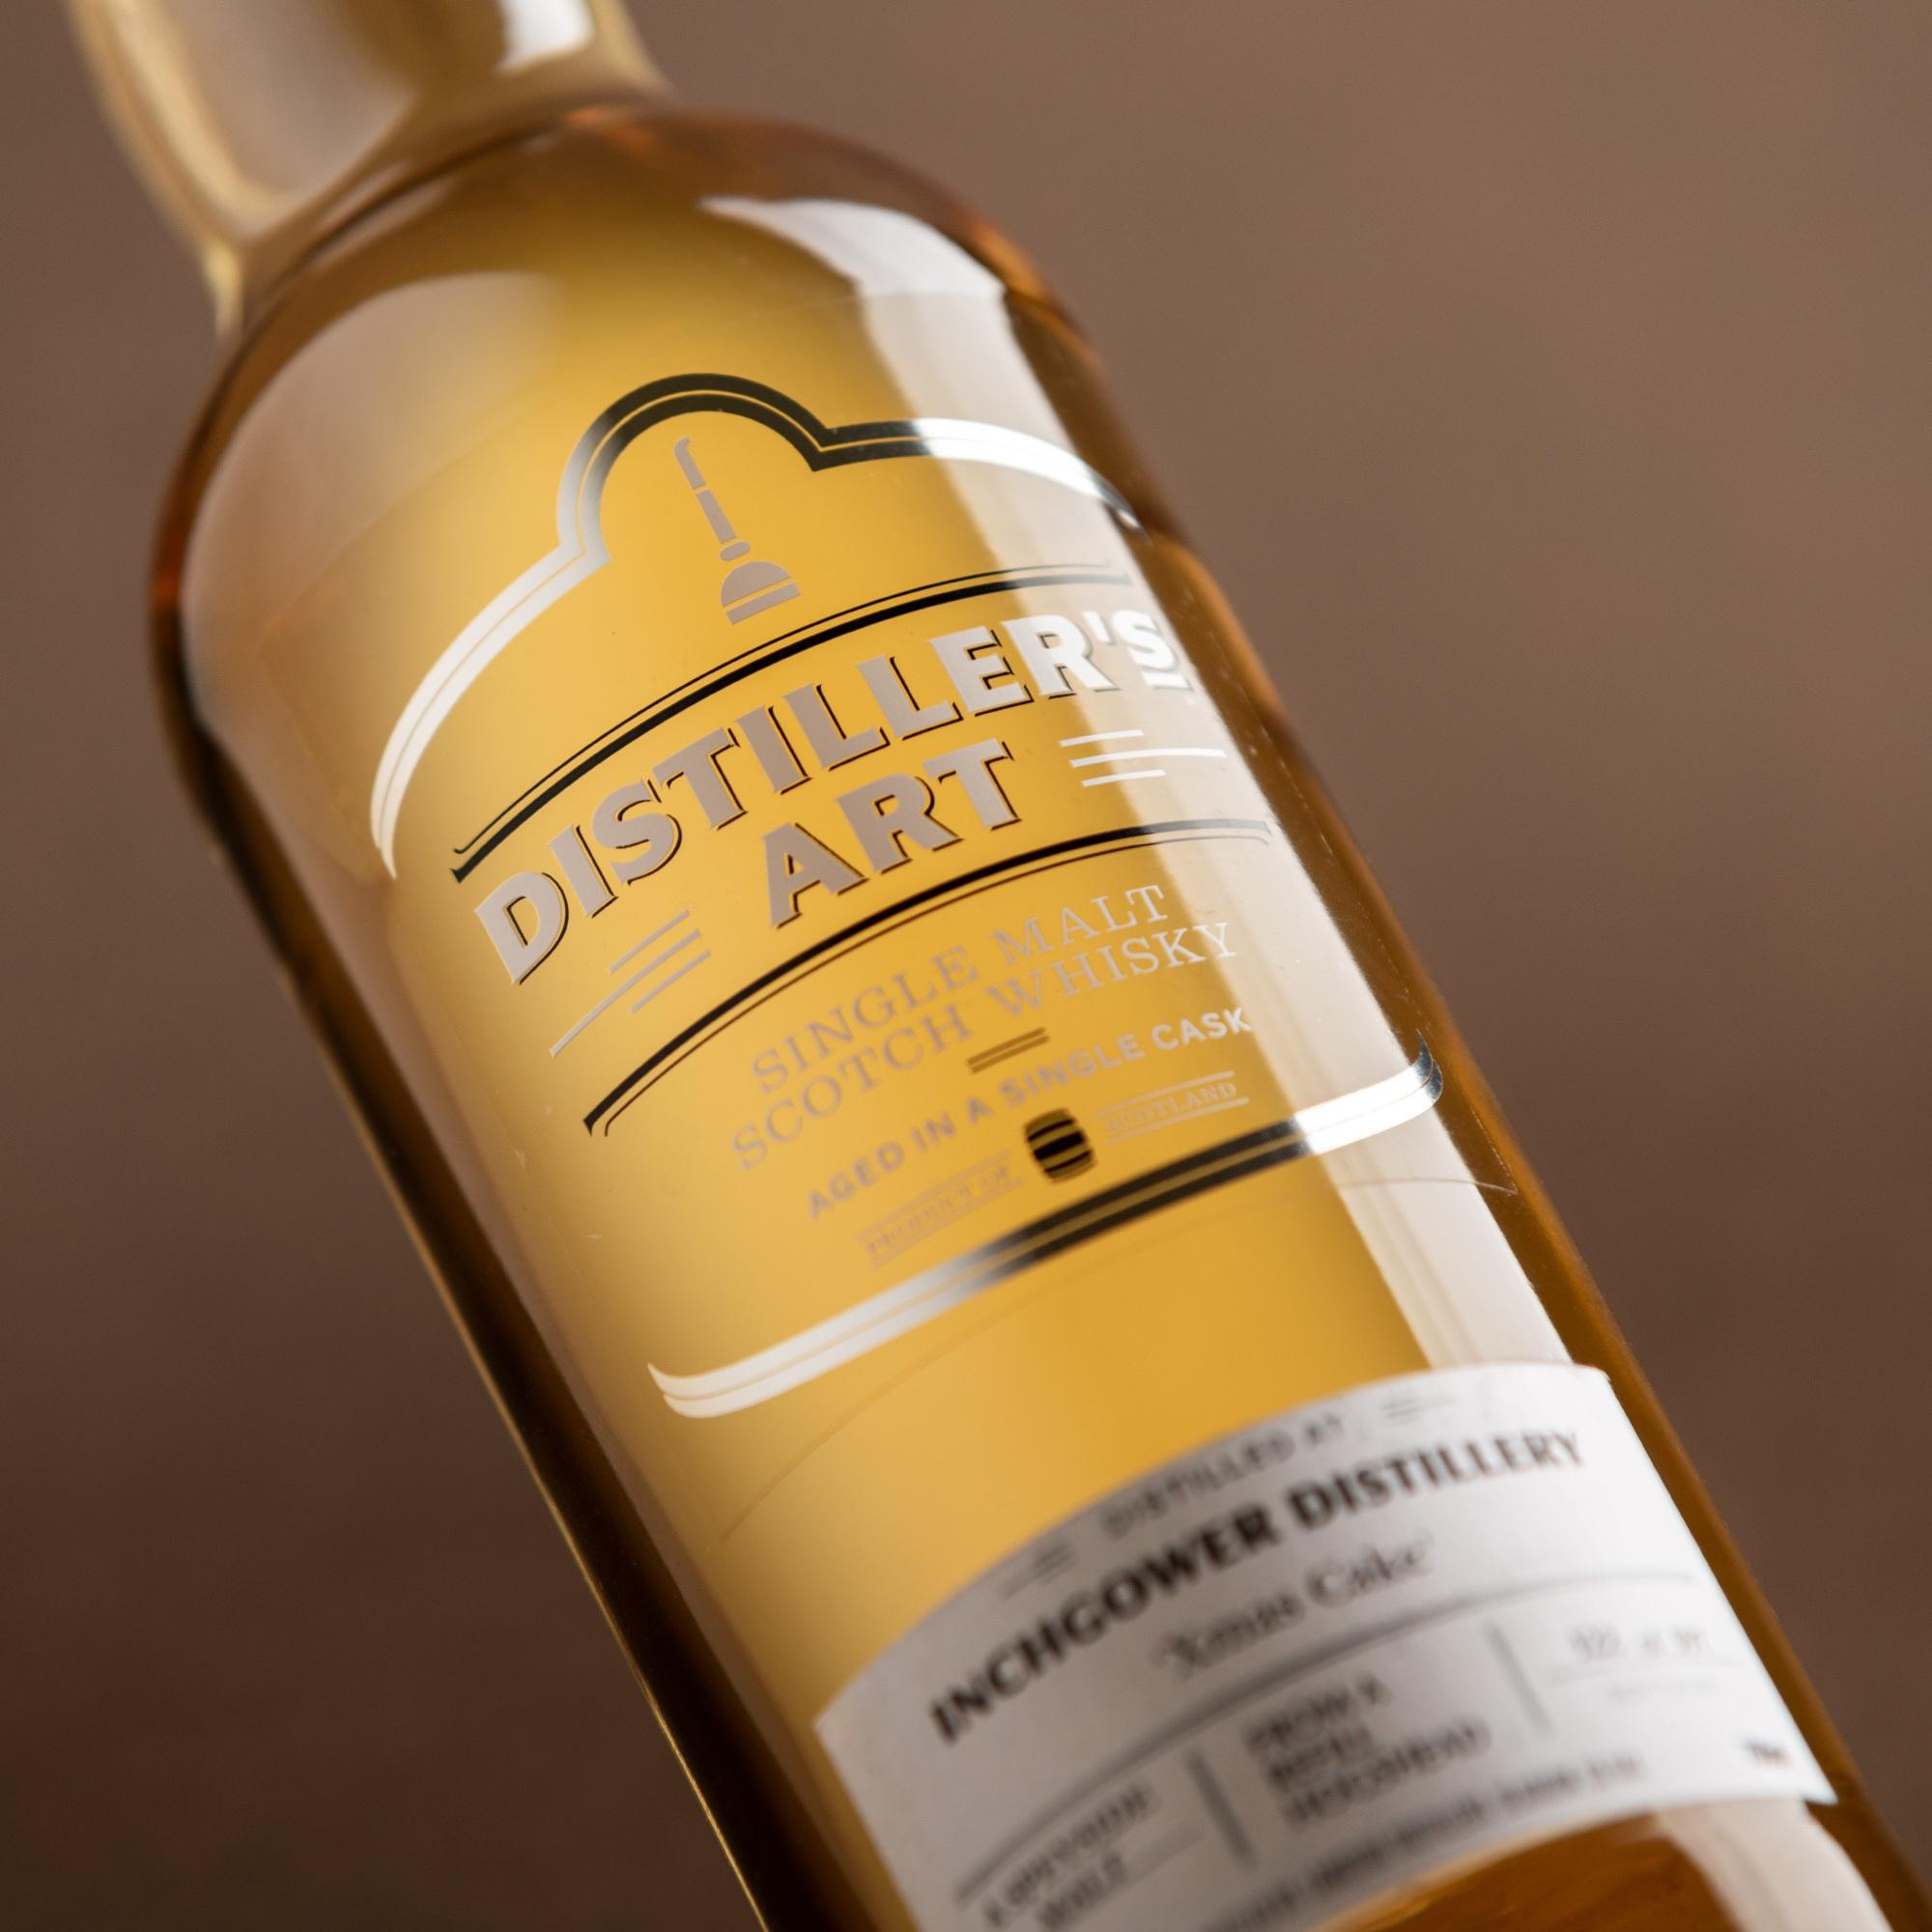 Distillers Art